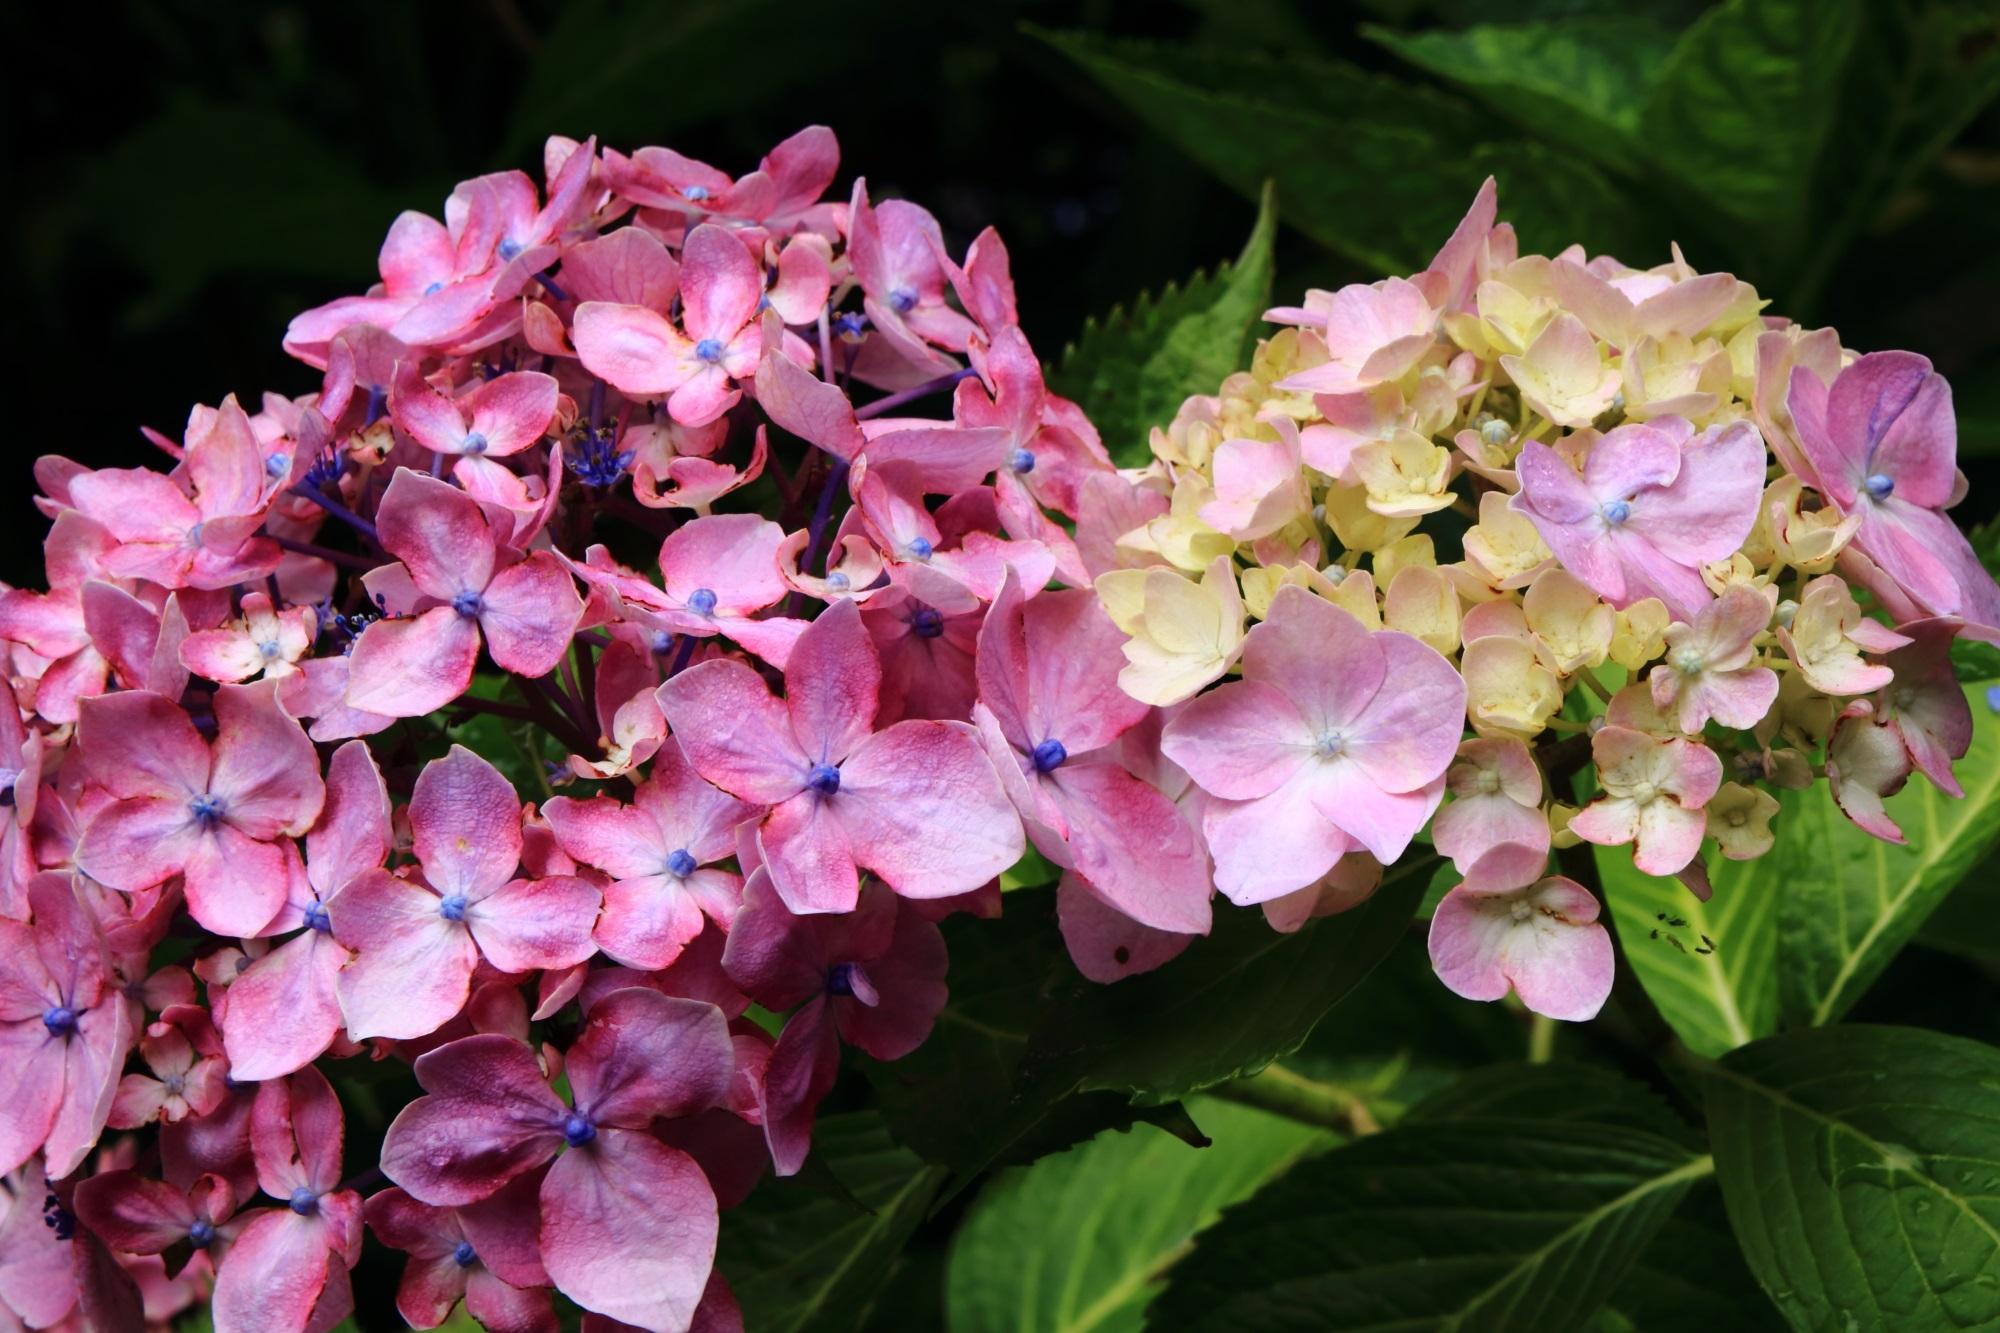 福知山観音寺のやや濃いめのピンクの紫陽花と開花中の紫陽花